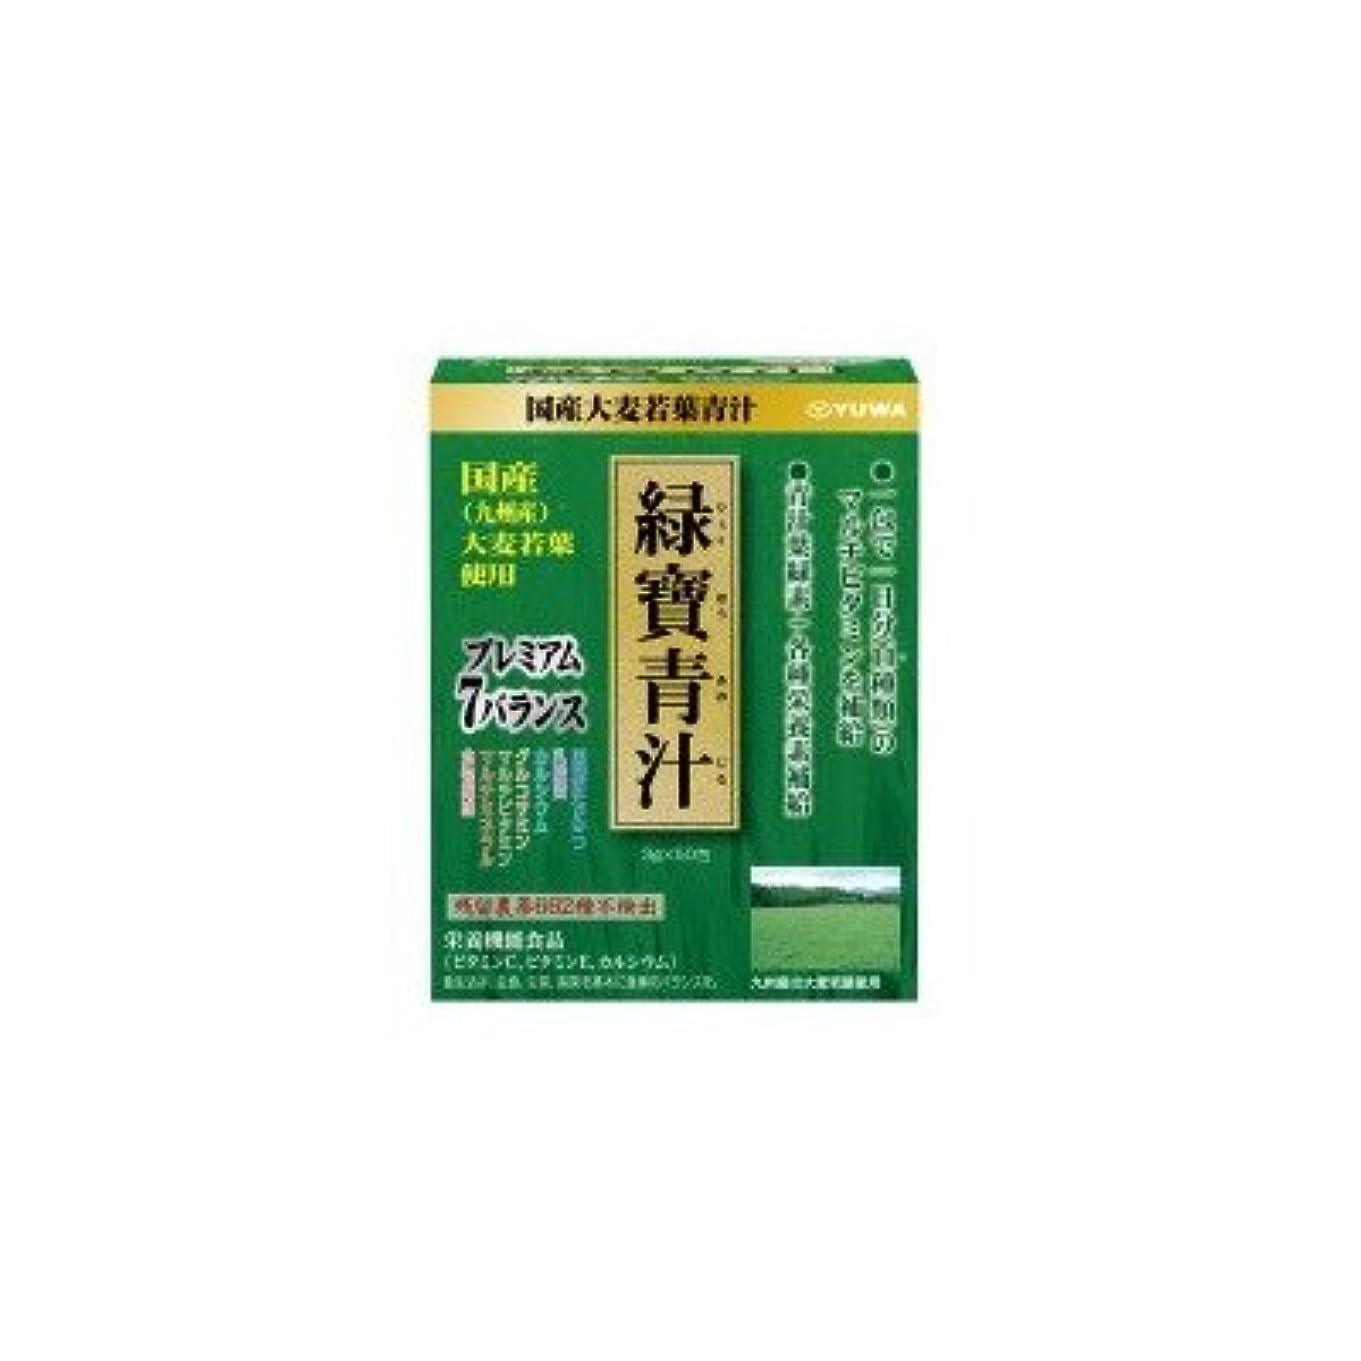 保護結果として血ユーワ 九州産大麦若葉使用 緑寶青汁 150g(3g×50包) 2865